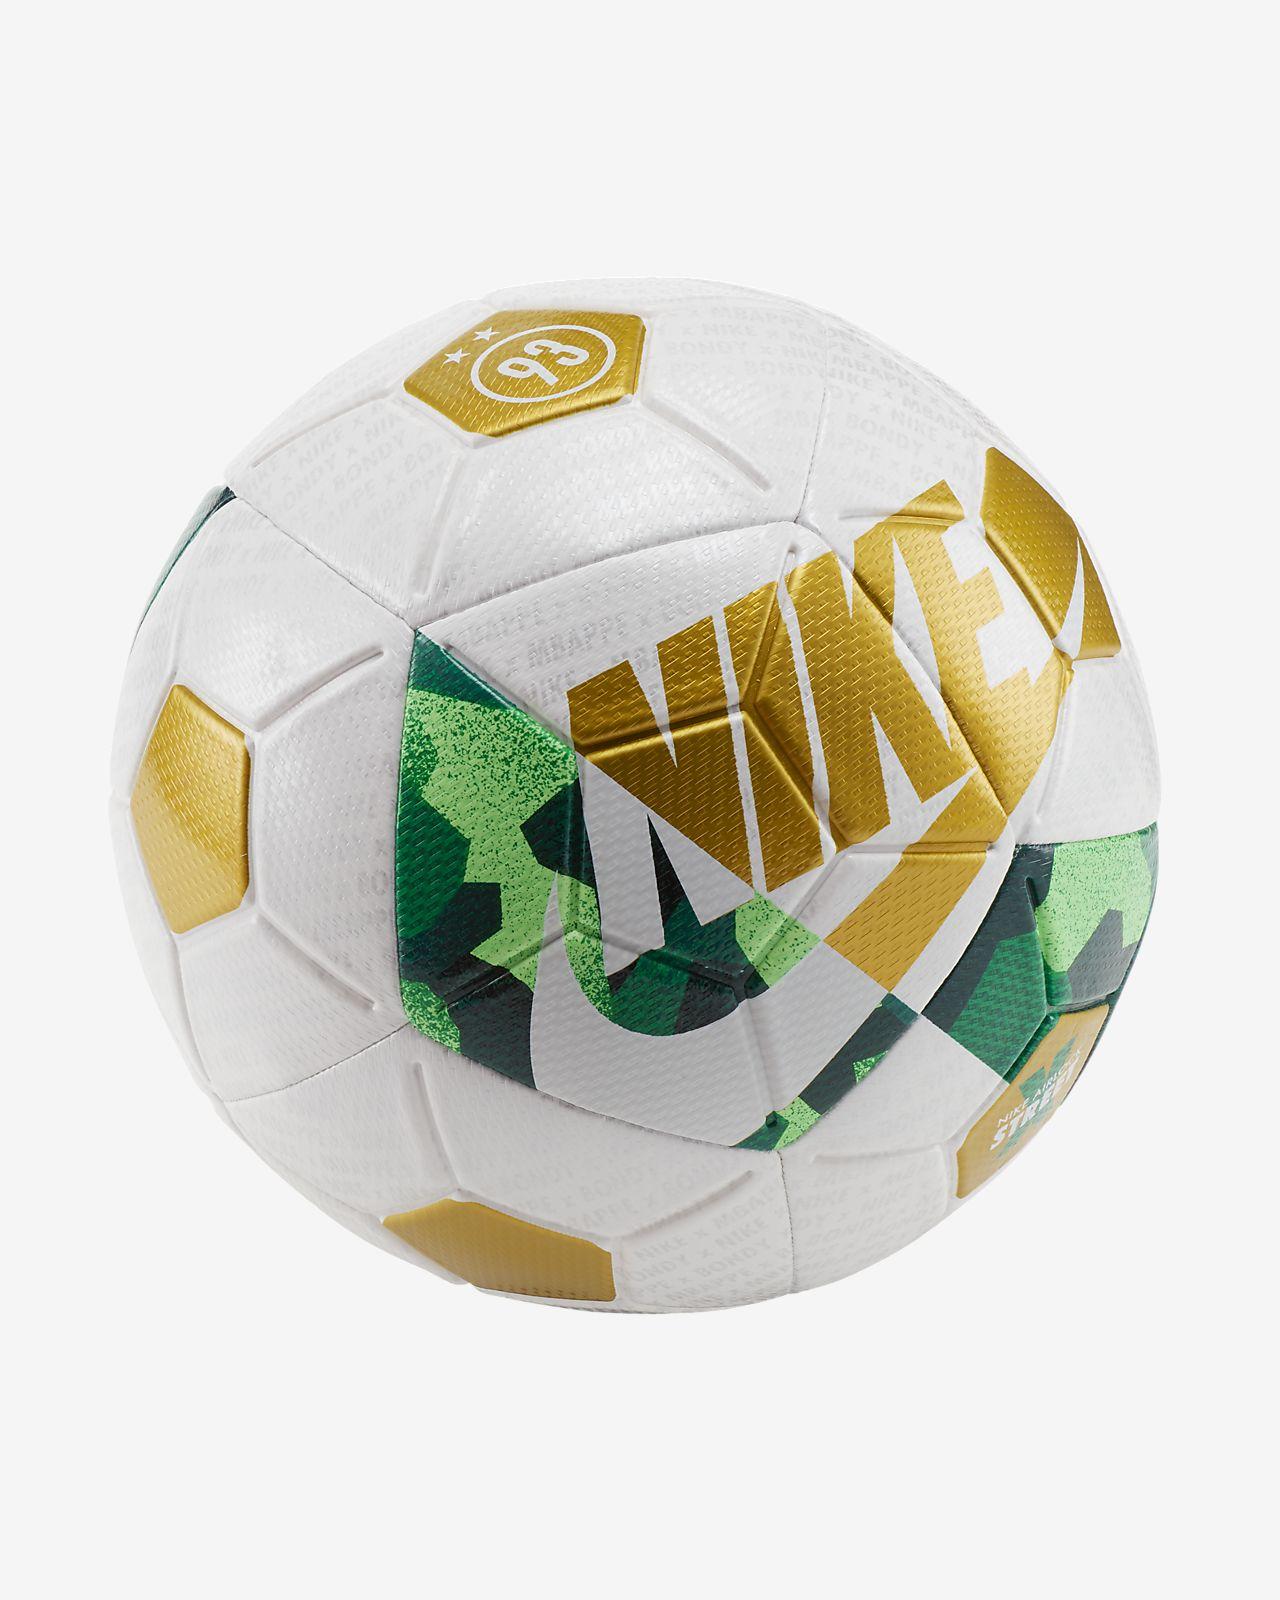 Piłka do piłki nożnej Nike Airlock Street X Bondy